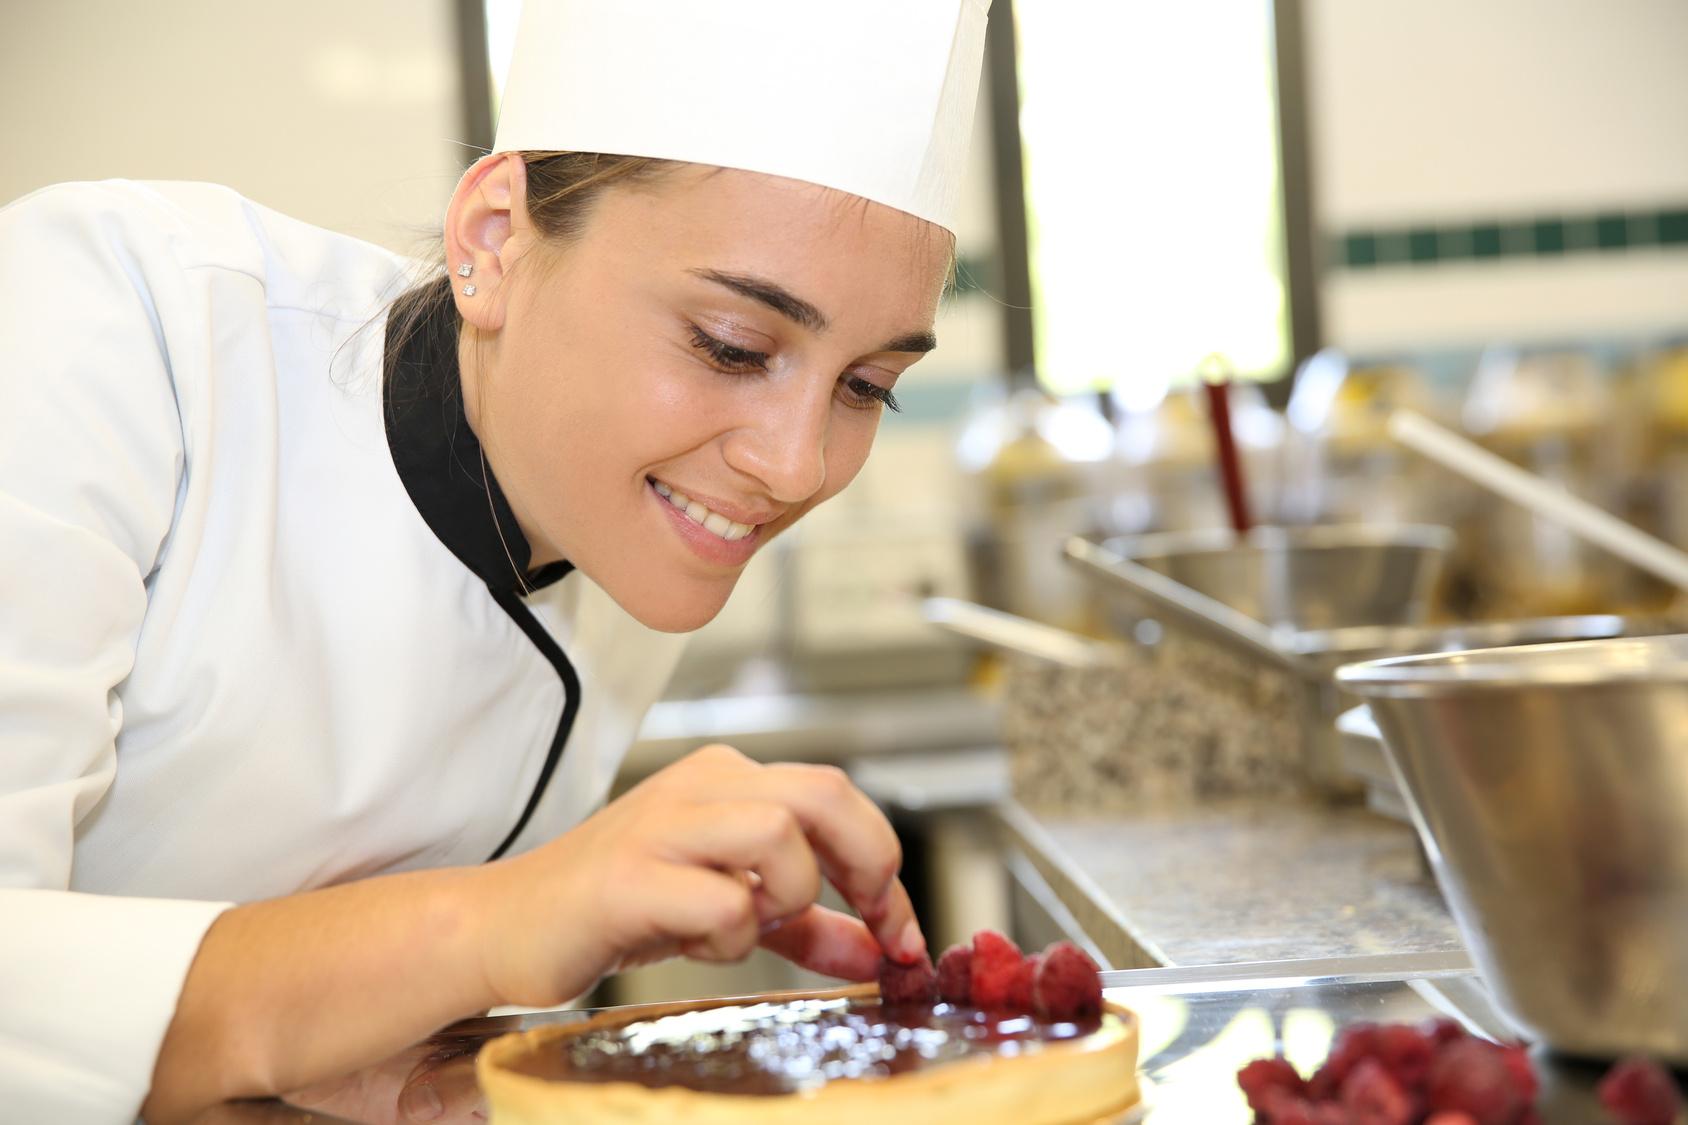 Clases de cocina tem ticas culinary spainculinary spain - Cursos de cocina sabadell ...